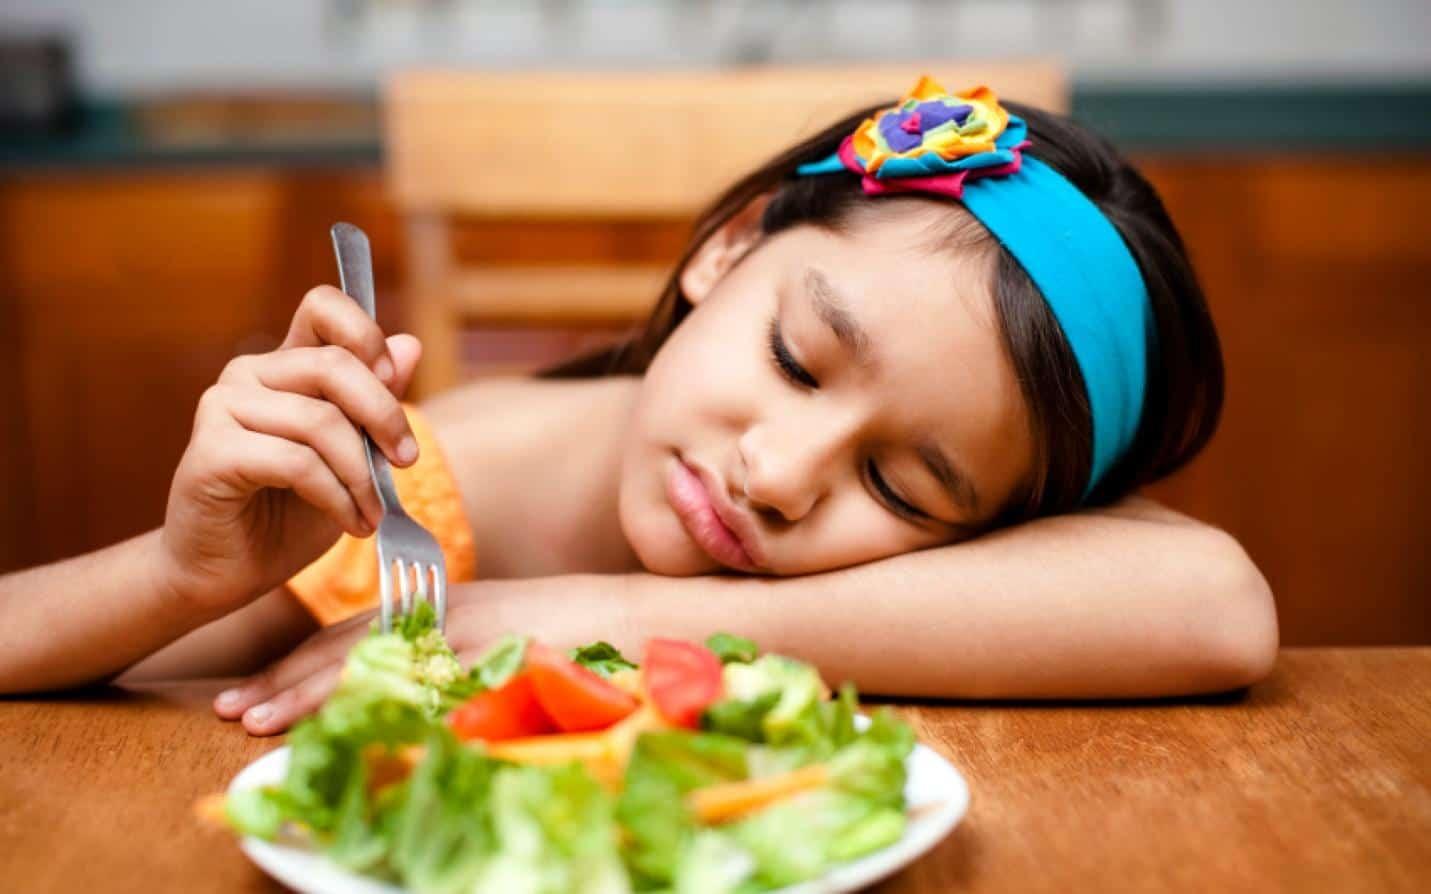 Trẻ mất tập trung khi ăn dễ dàng dẫn đến chứng biếng ăn